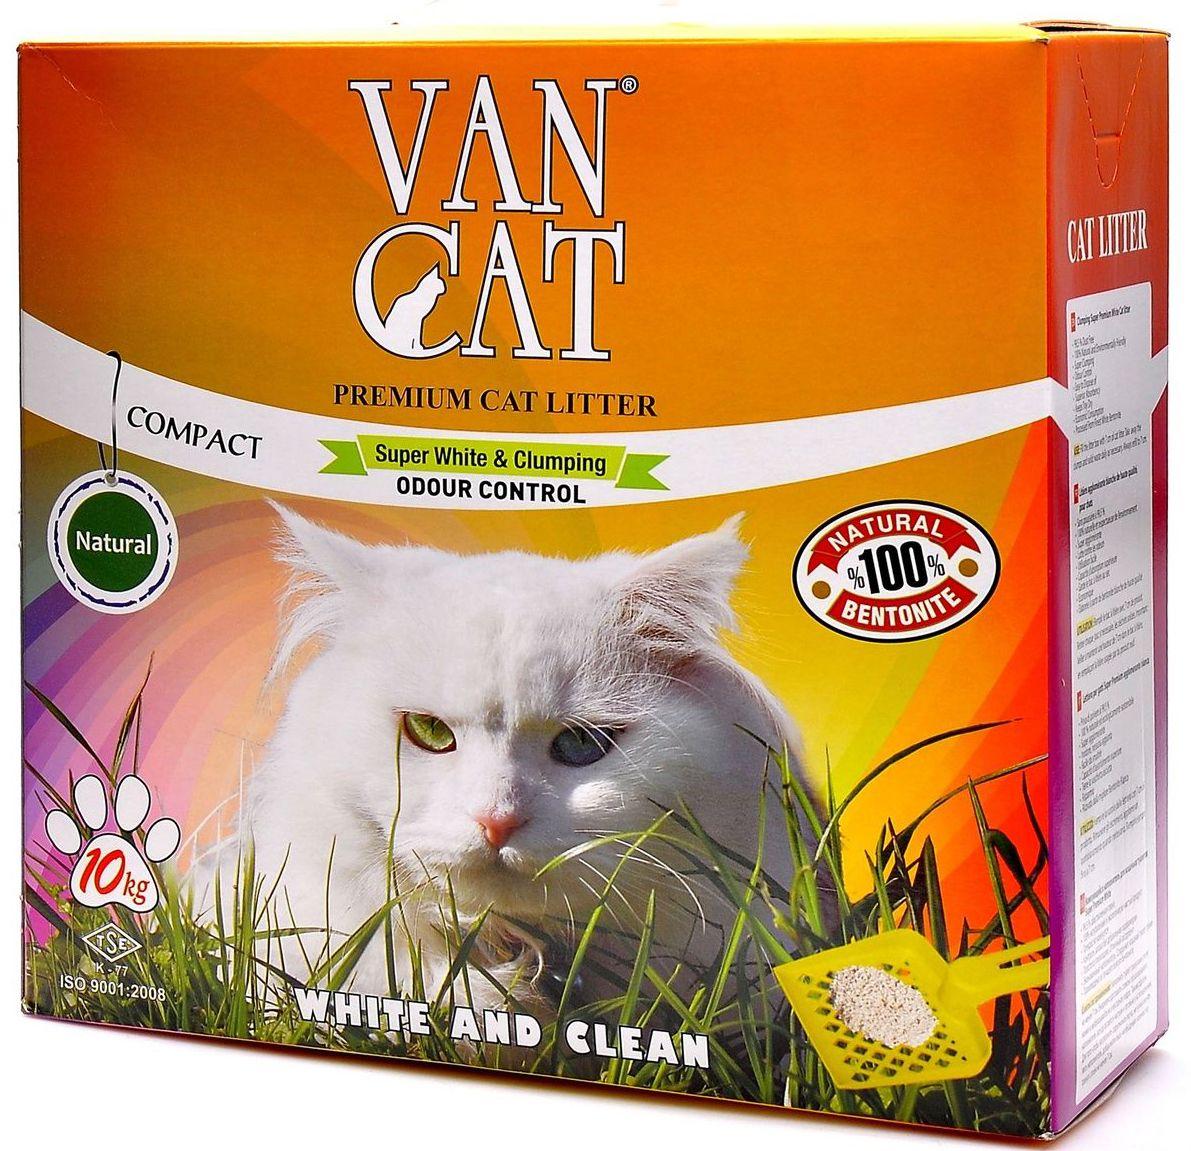 Наполнитель для кошачьих туалетов Van Cat 100% Натуральный, комкующийся, без пыли, 10 кг. 202410120710100% натуральныйБелый цвет – символ чистоты и свежести. Так же белый цвет – это символ здоровья. Как нам контролировать здоровье мочевыделительной системы у кошки наиболее простым способом? Только белый наполнитель для кошачьего туалета дает нам такую возможность. Отлично комкуется Гранулы 0,6-2,25 мм Эффективно устраняет неприятные запахи Не пылит, лапы остаются чистыми Способность к абсорбации 300% Безопасен для животных и окружающей среды Экономичен в использовании Сохраняет лоток сухим, прост в уборкеУдобная картонная упаковка